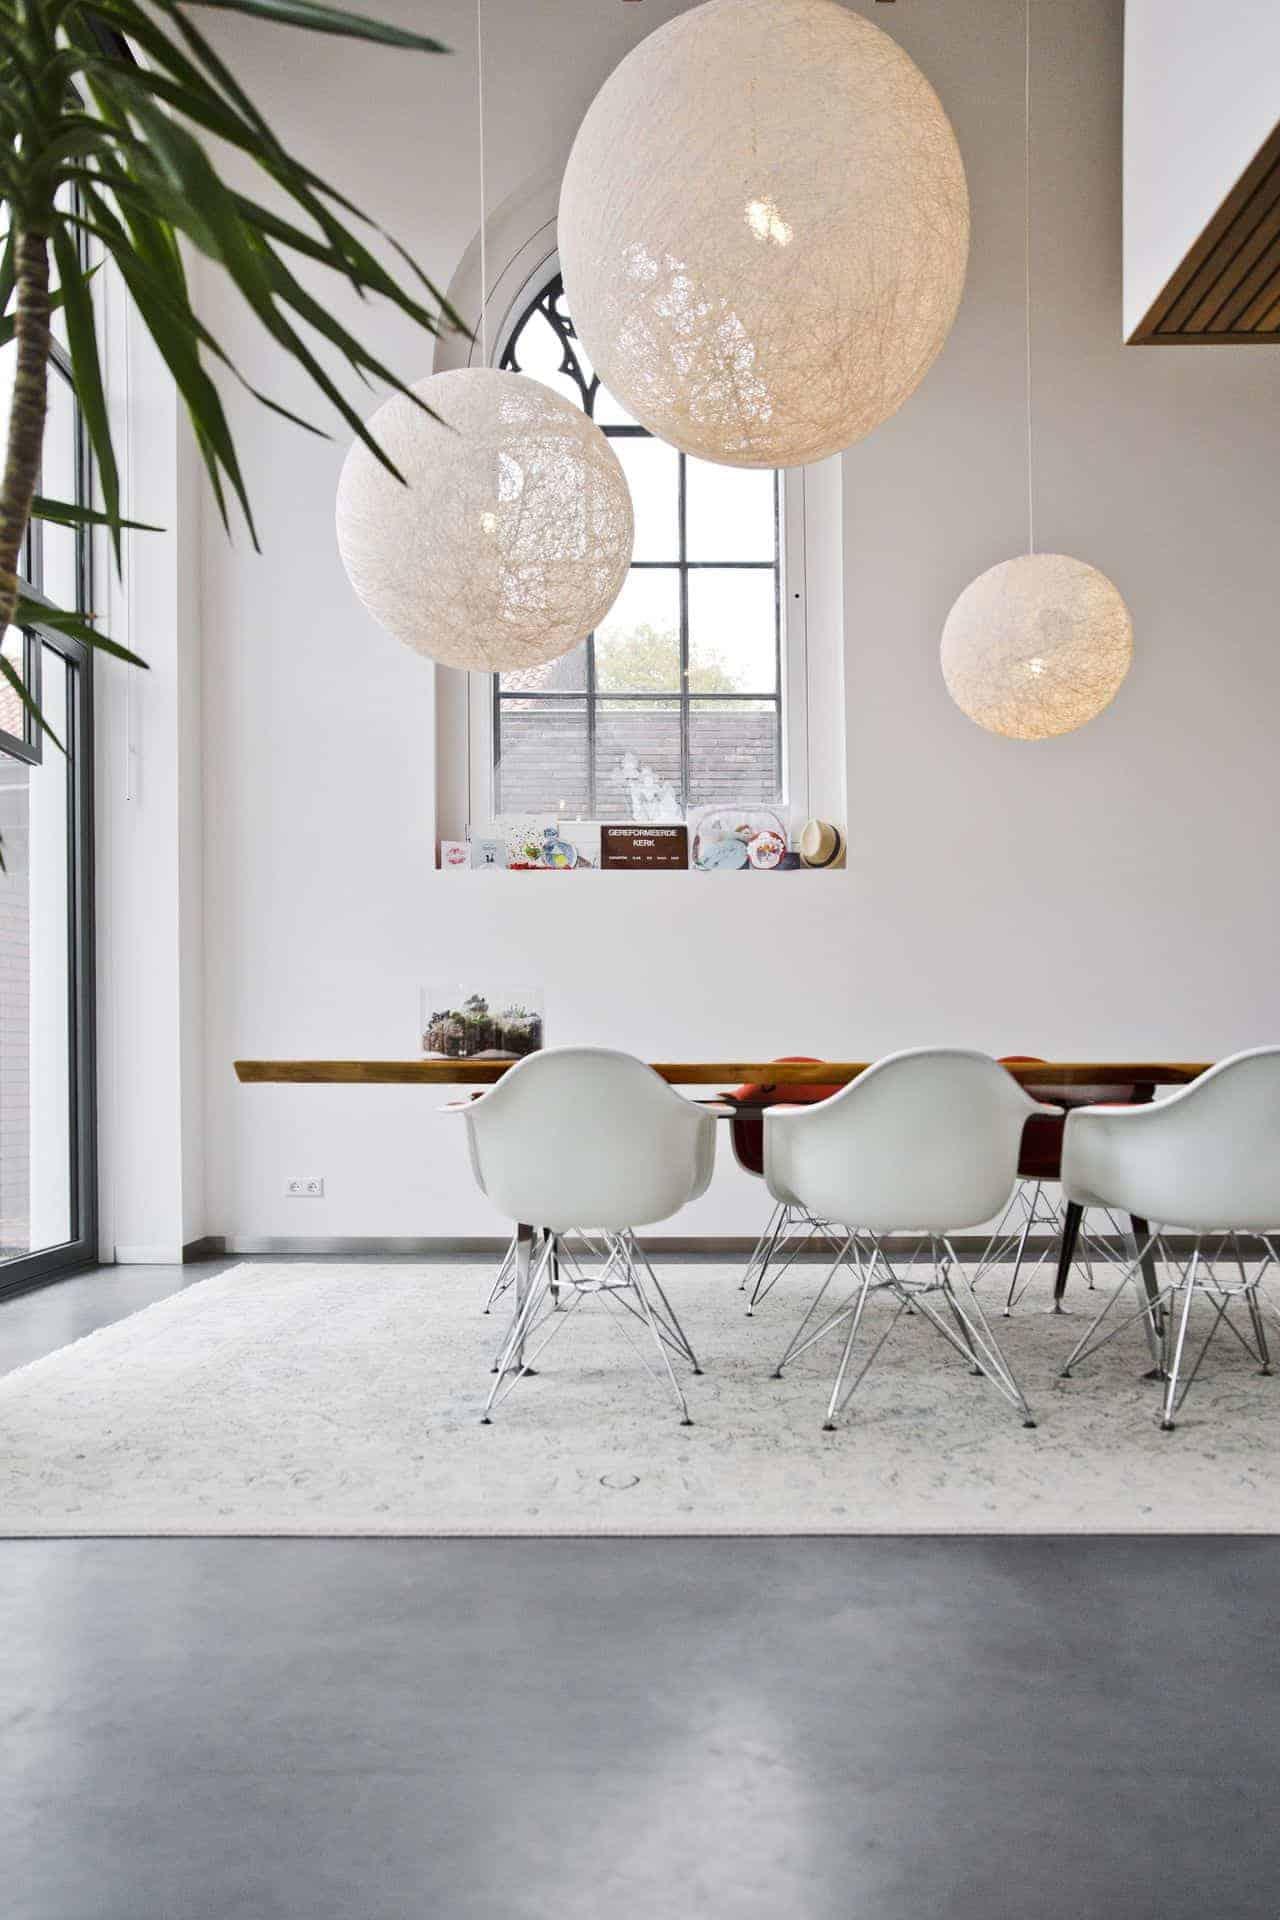 keuken met designvloer, zwarte keuken met betonvloer, donkergrijze betonvloer, middengrijze betonvloer, basisgrijze betonvloer